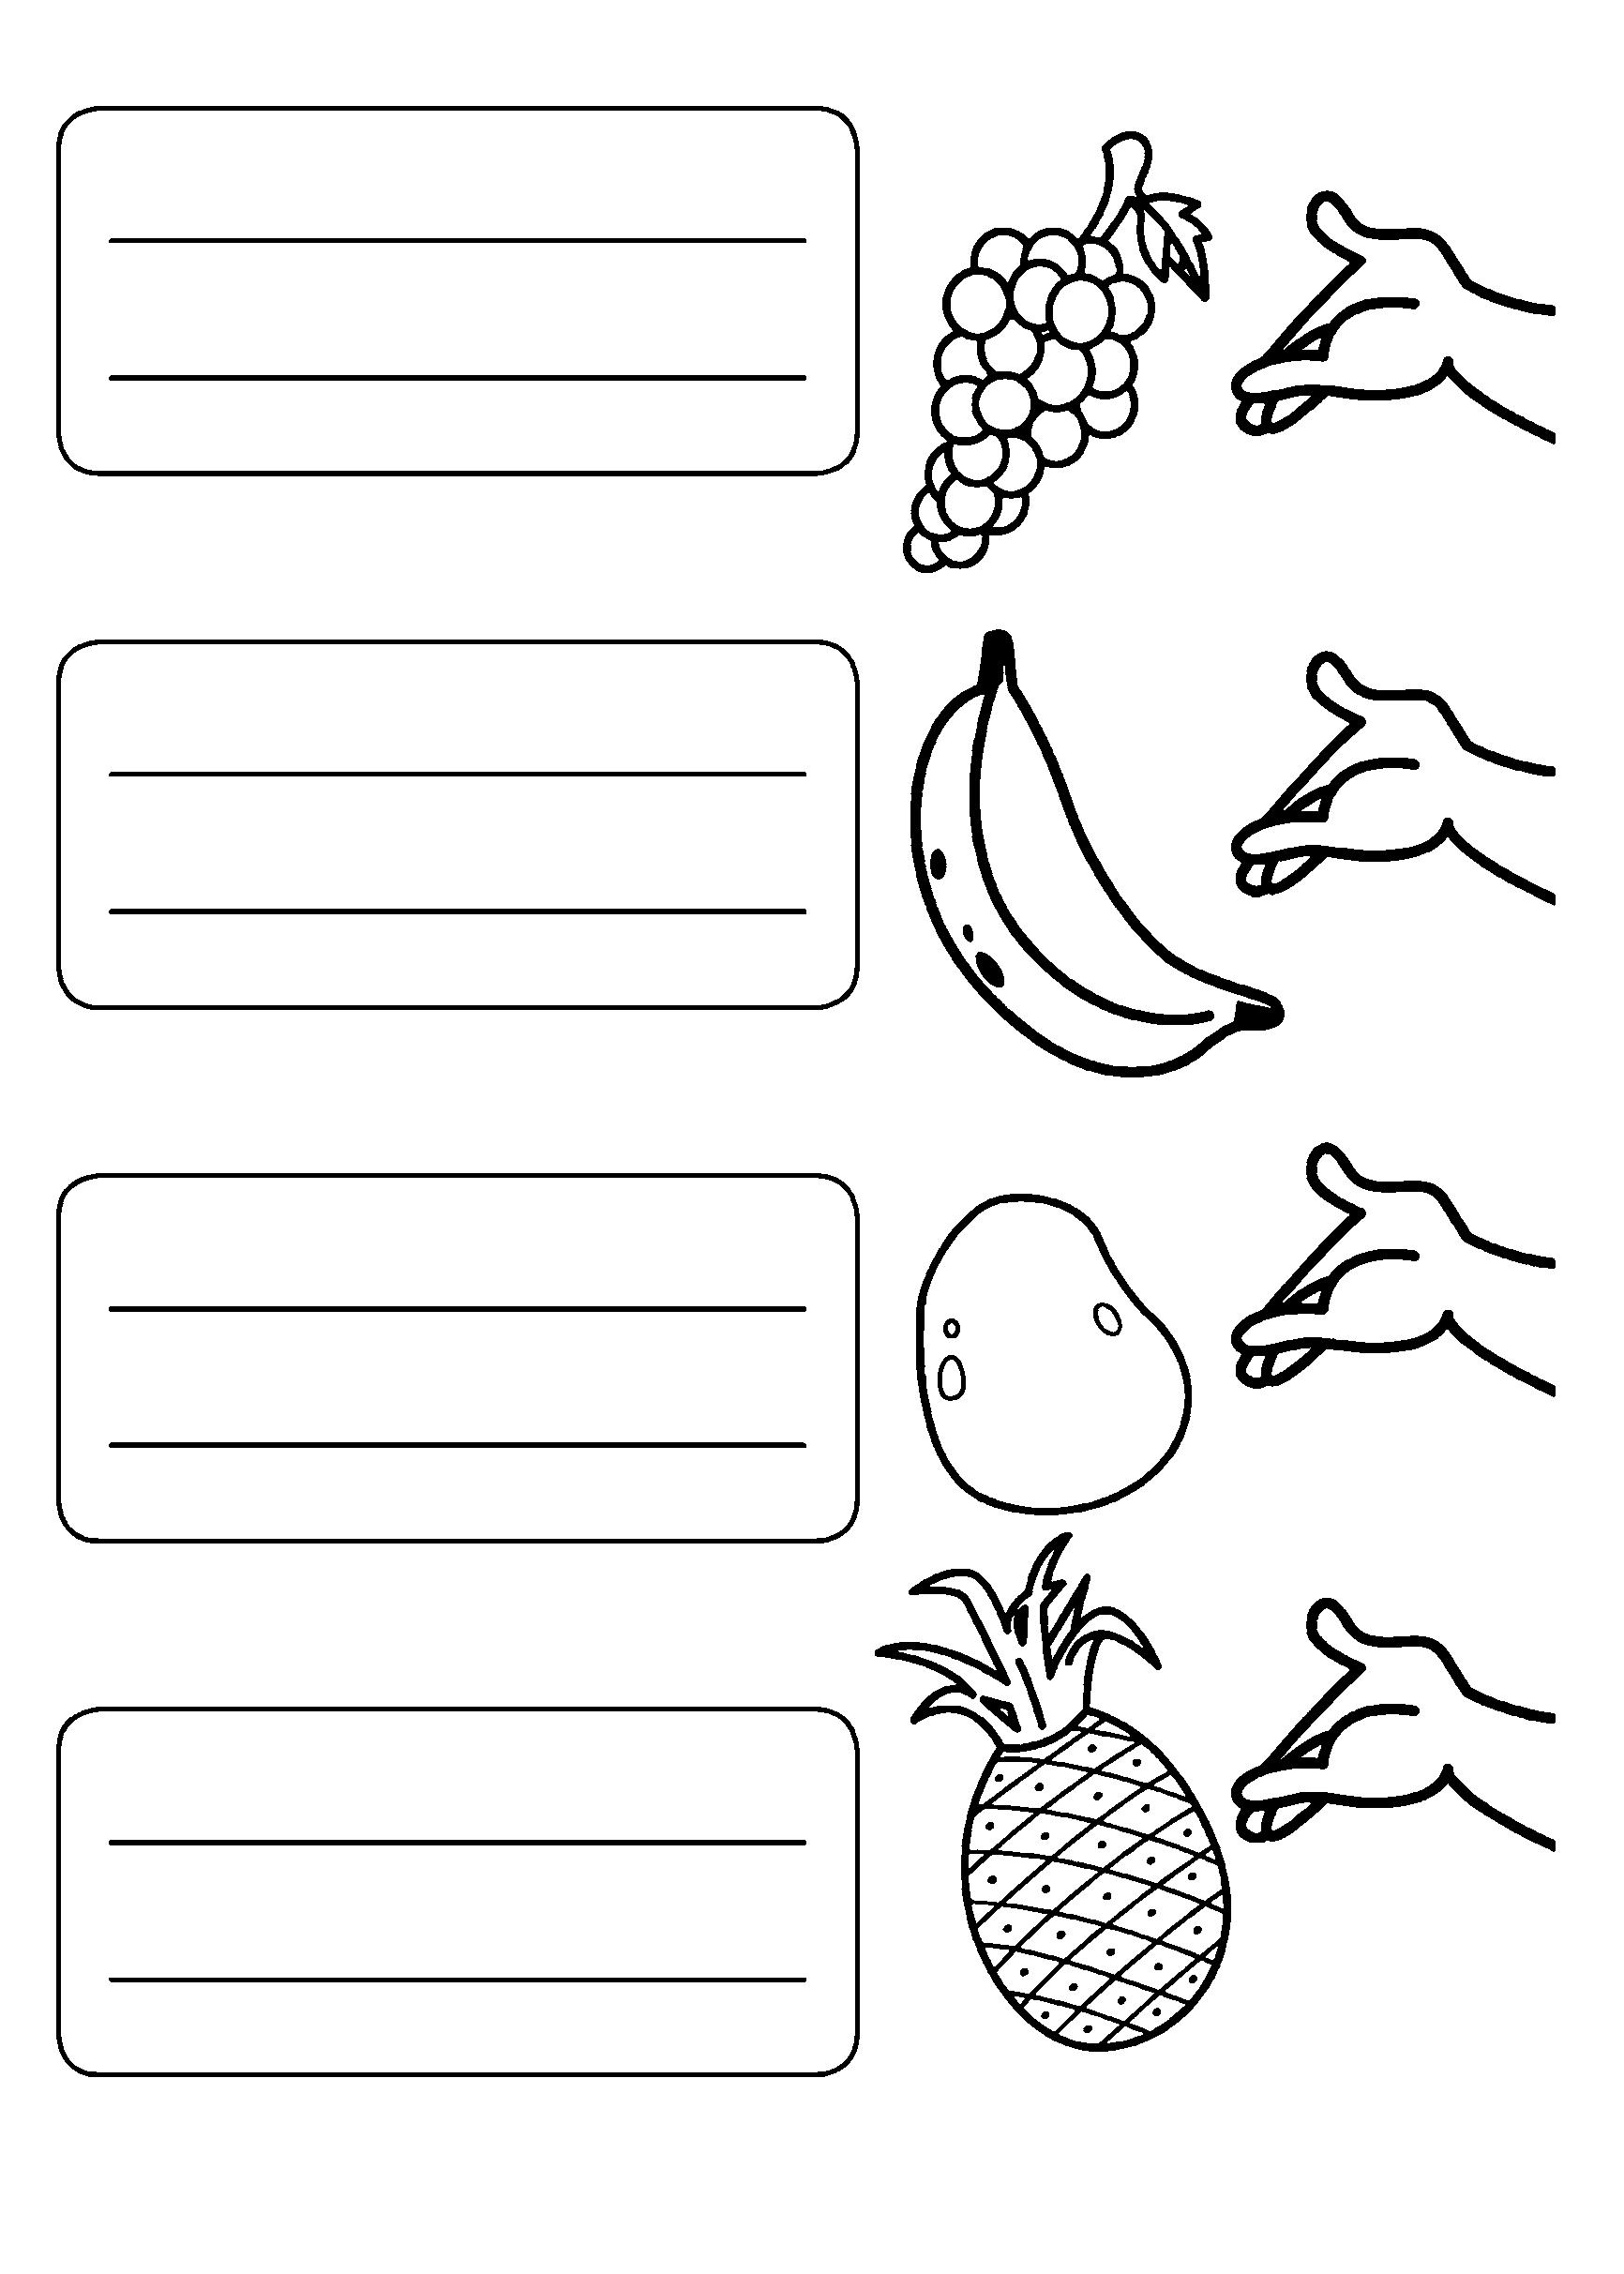 Atividades em inglês das frutas e vegetais